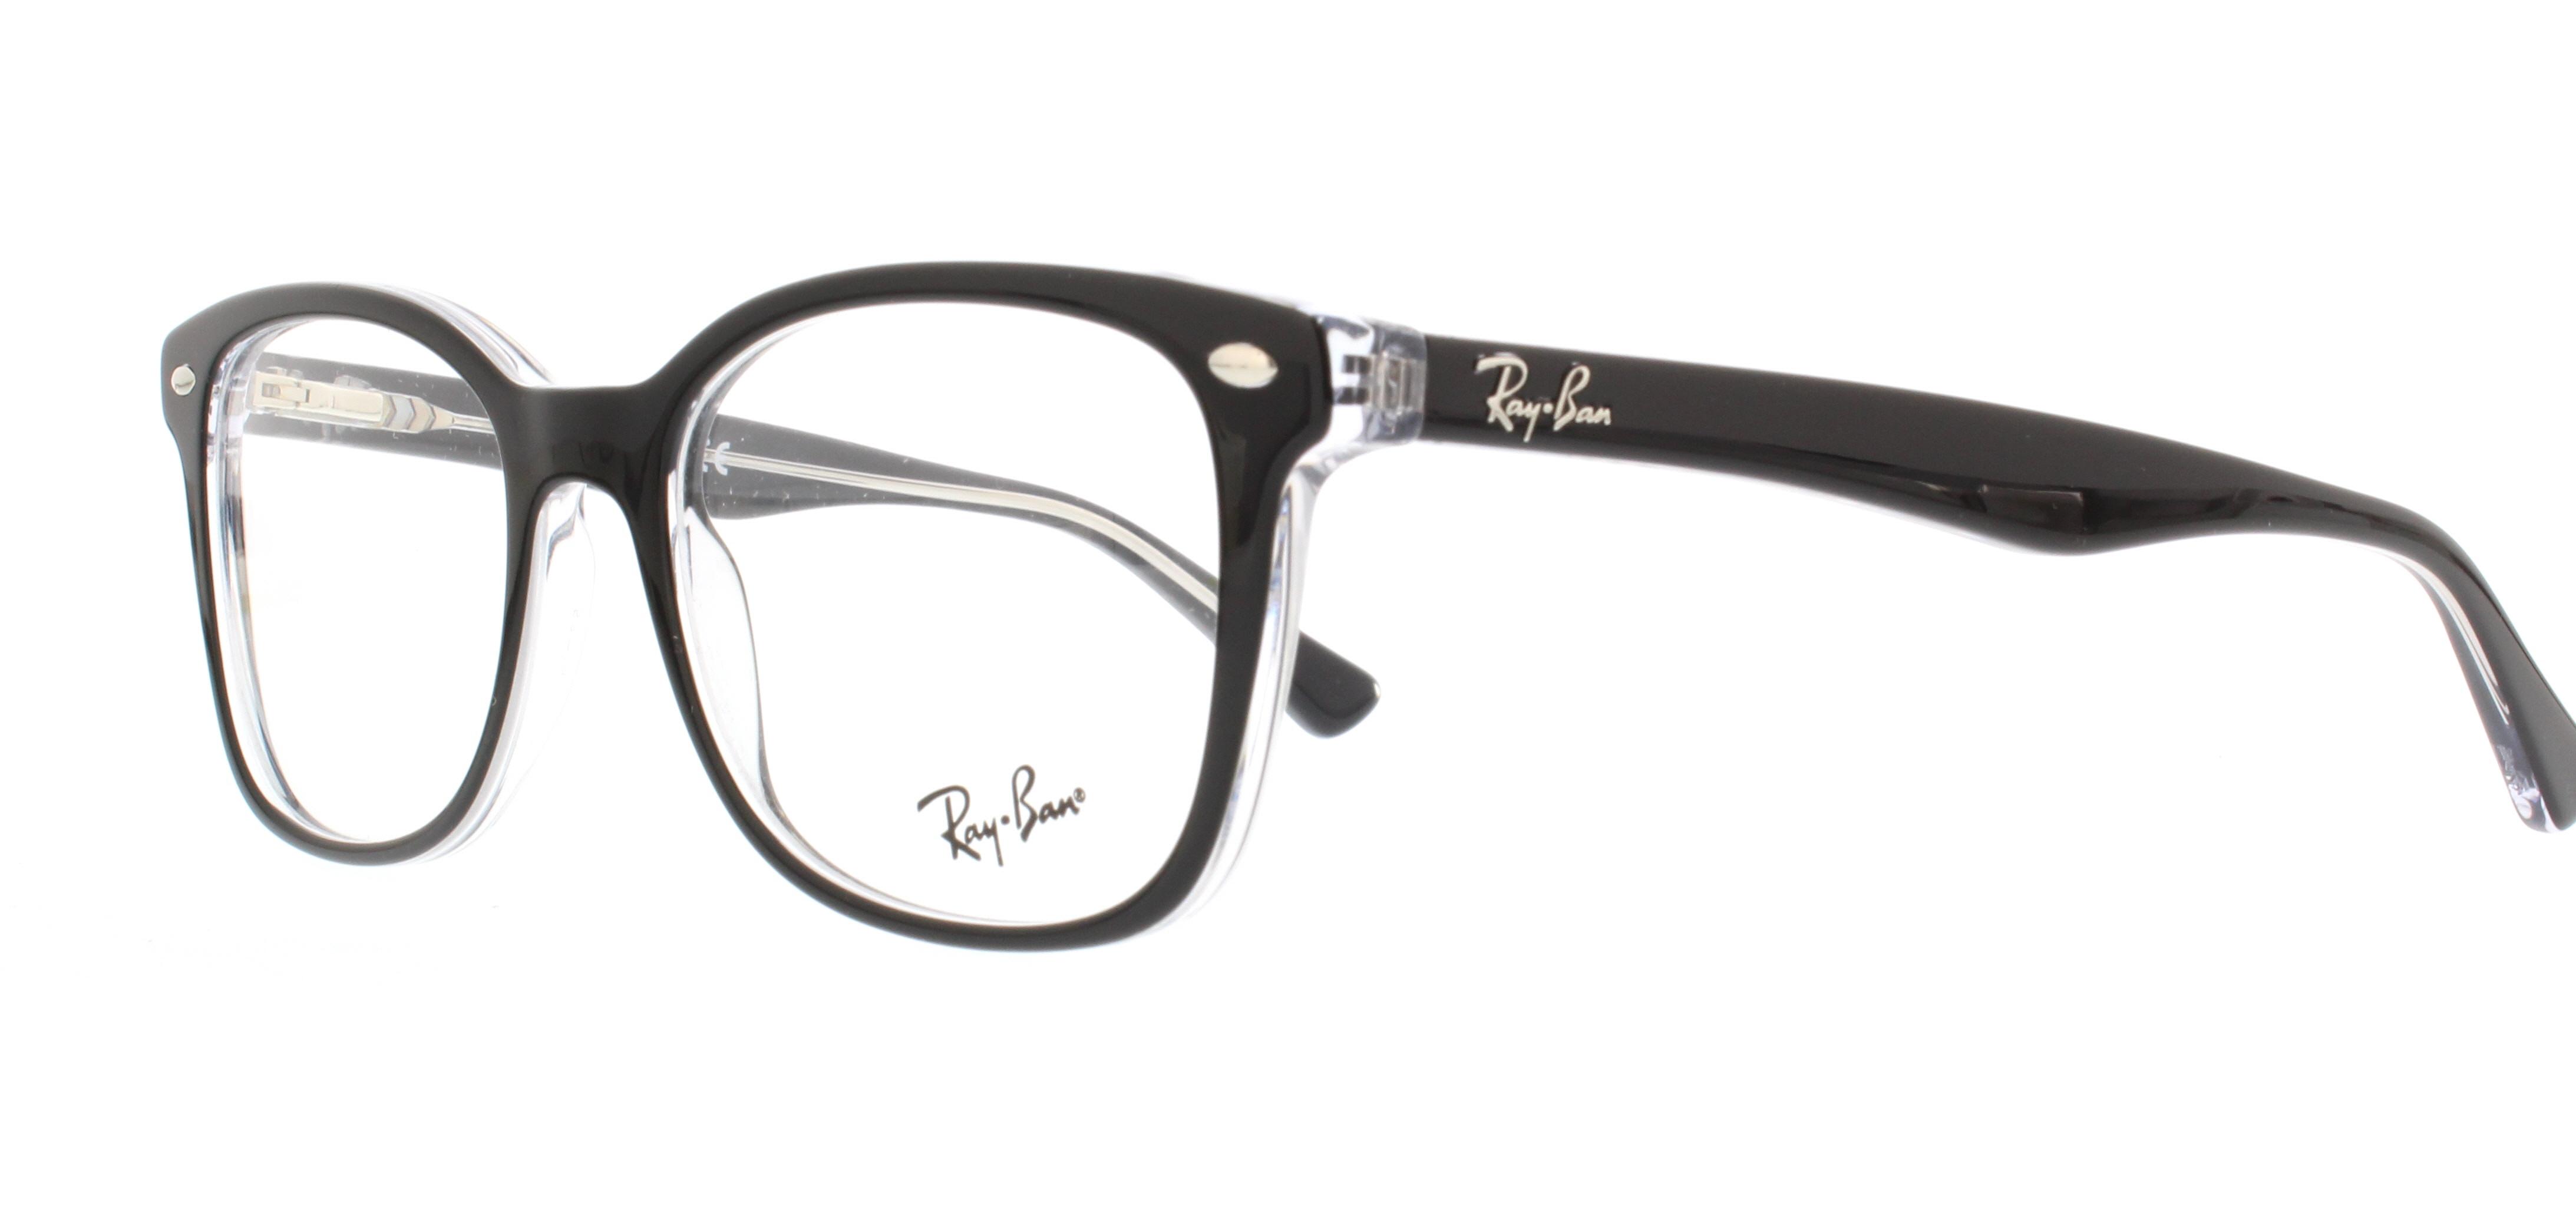 Designer Frames Outlet. Ray Ban RX5285